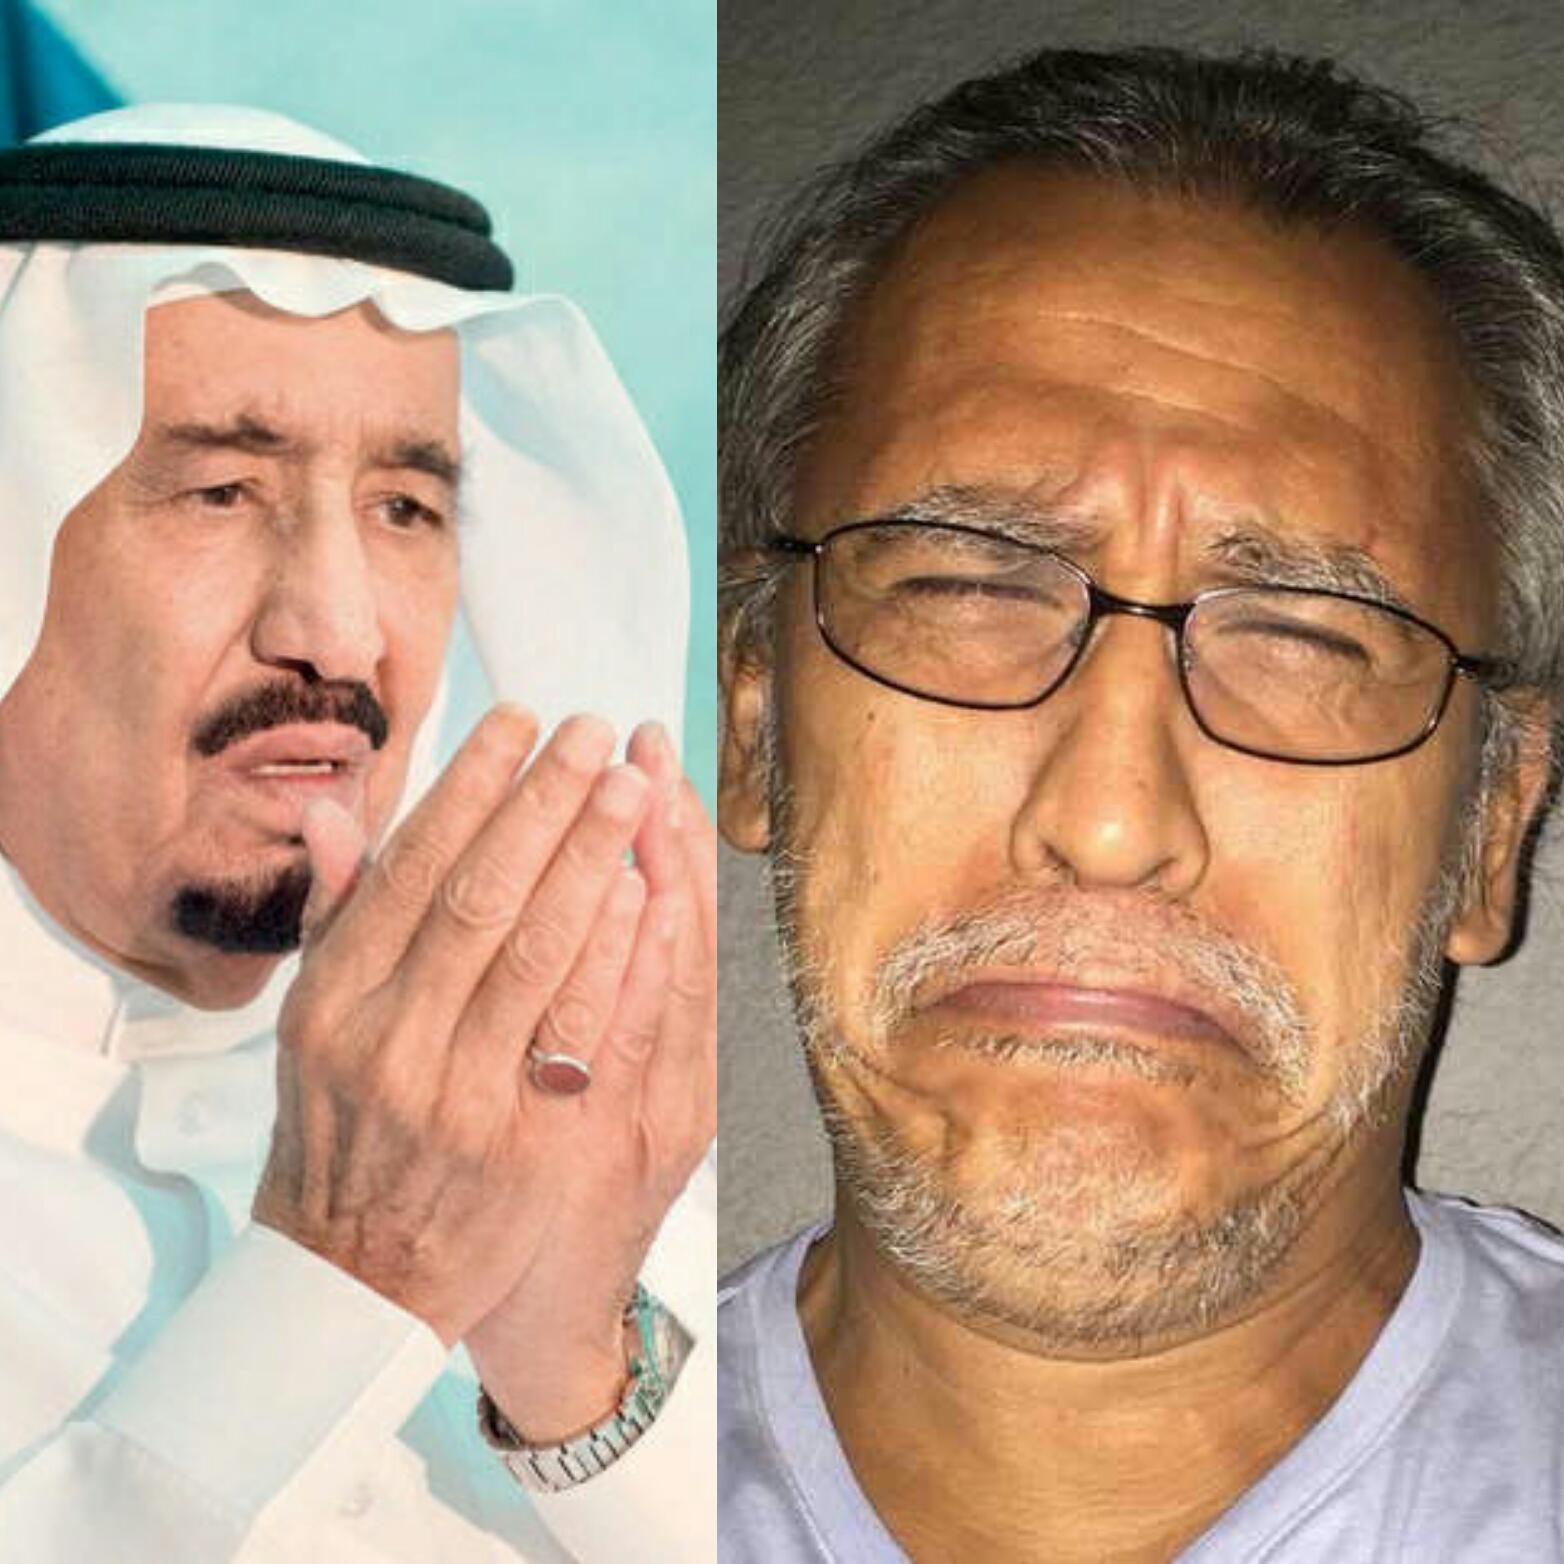 Sindir Kedatangan Raja Salman ke Indonesia, Iwan Fals di Bully Netizen